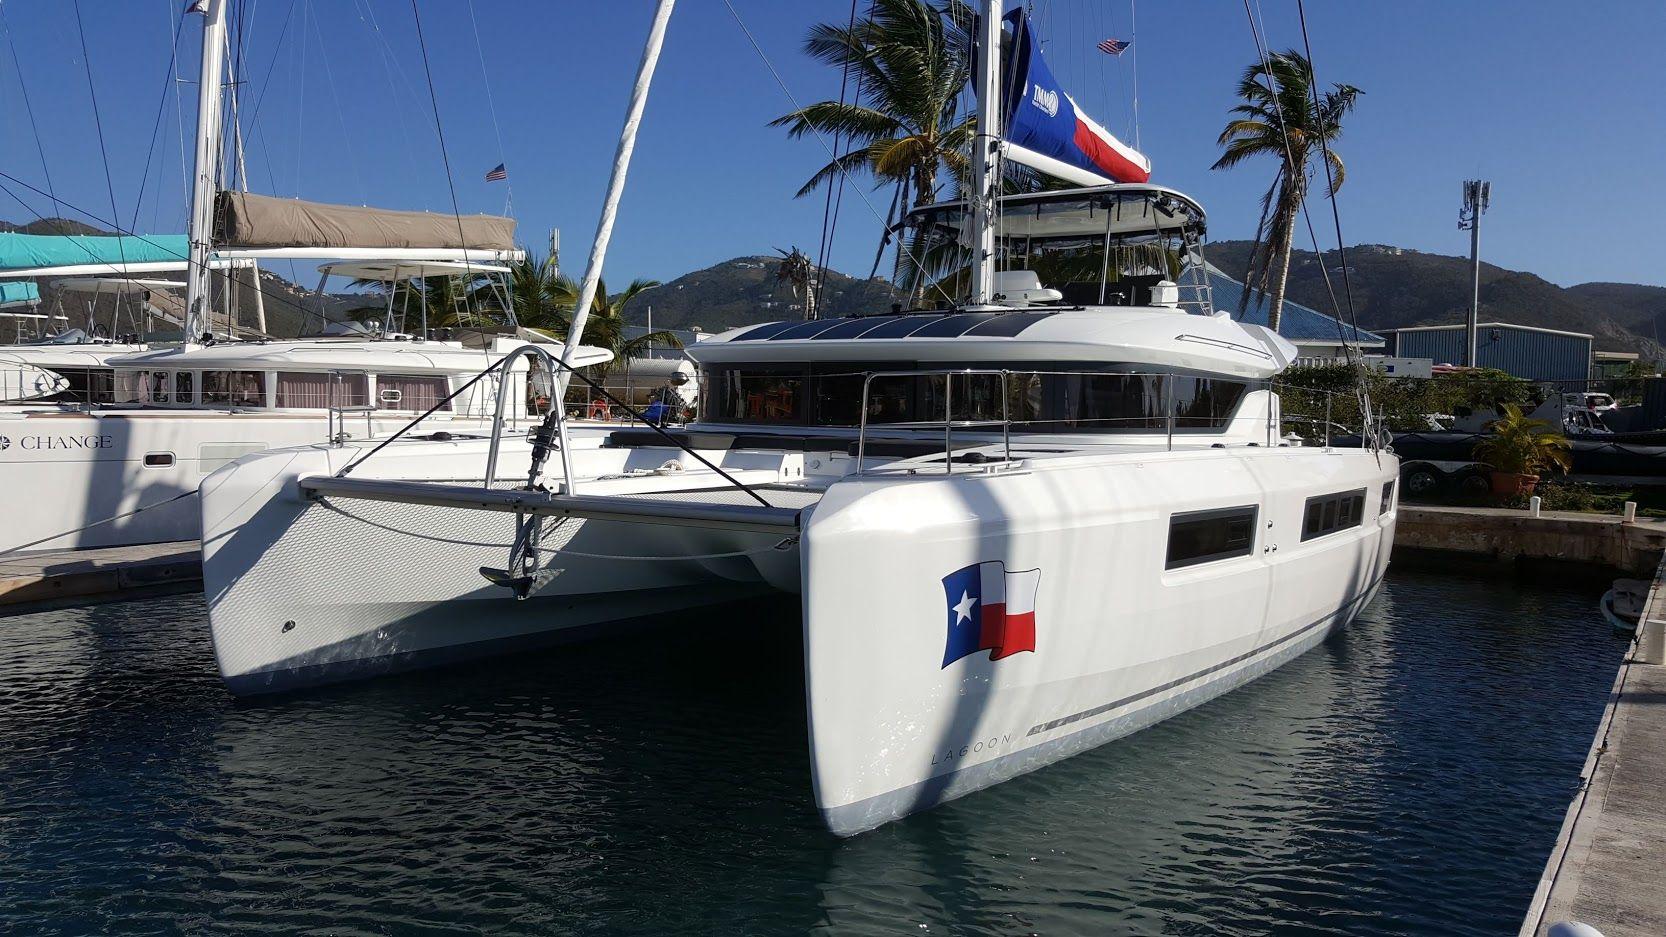 LONE STAR LAGOON - 6 CABIN 50' Catamaran for Charter in BVI